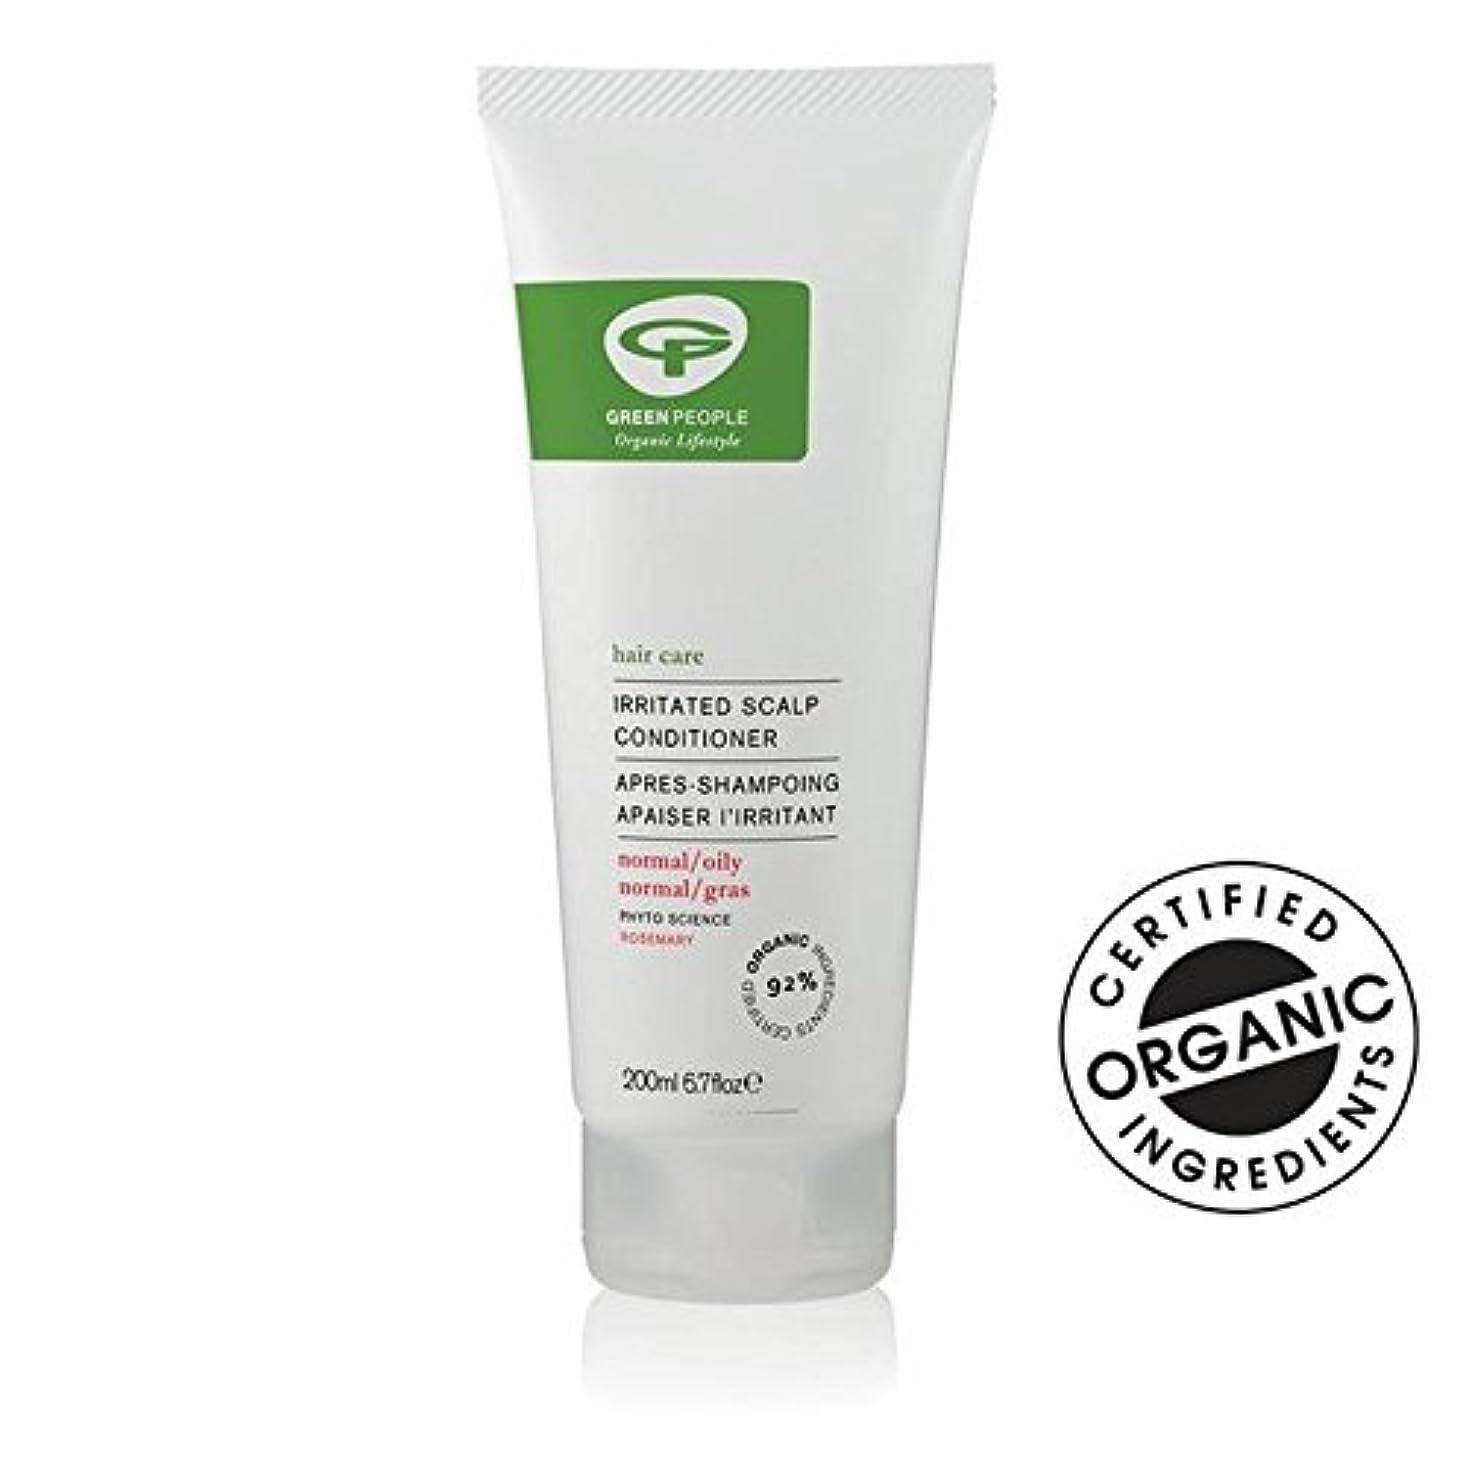 削減抗生物質爪緑の人々イライラ頭皮コンディショナー200 x2 - Green People Irritated Scalp Conditioner 200ml (Pack of 2) [並行輸入品]